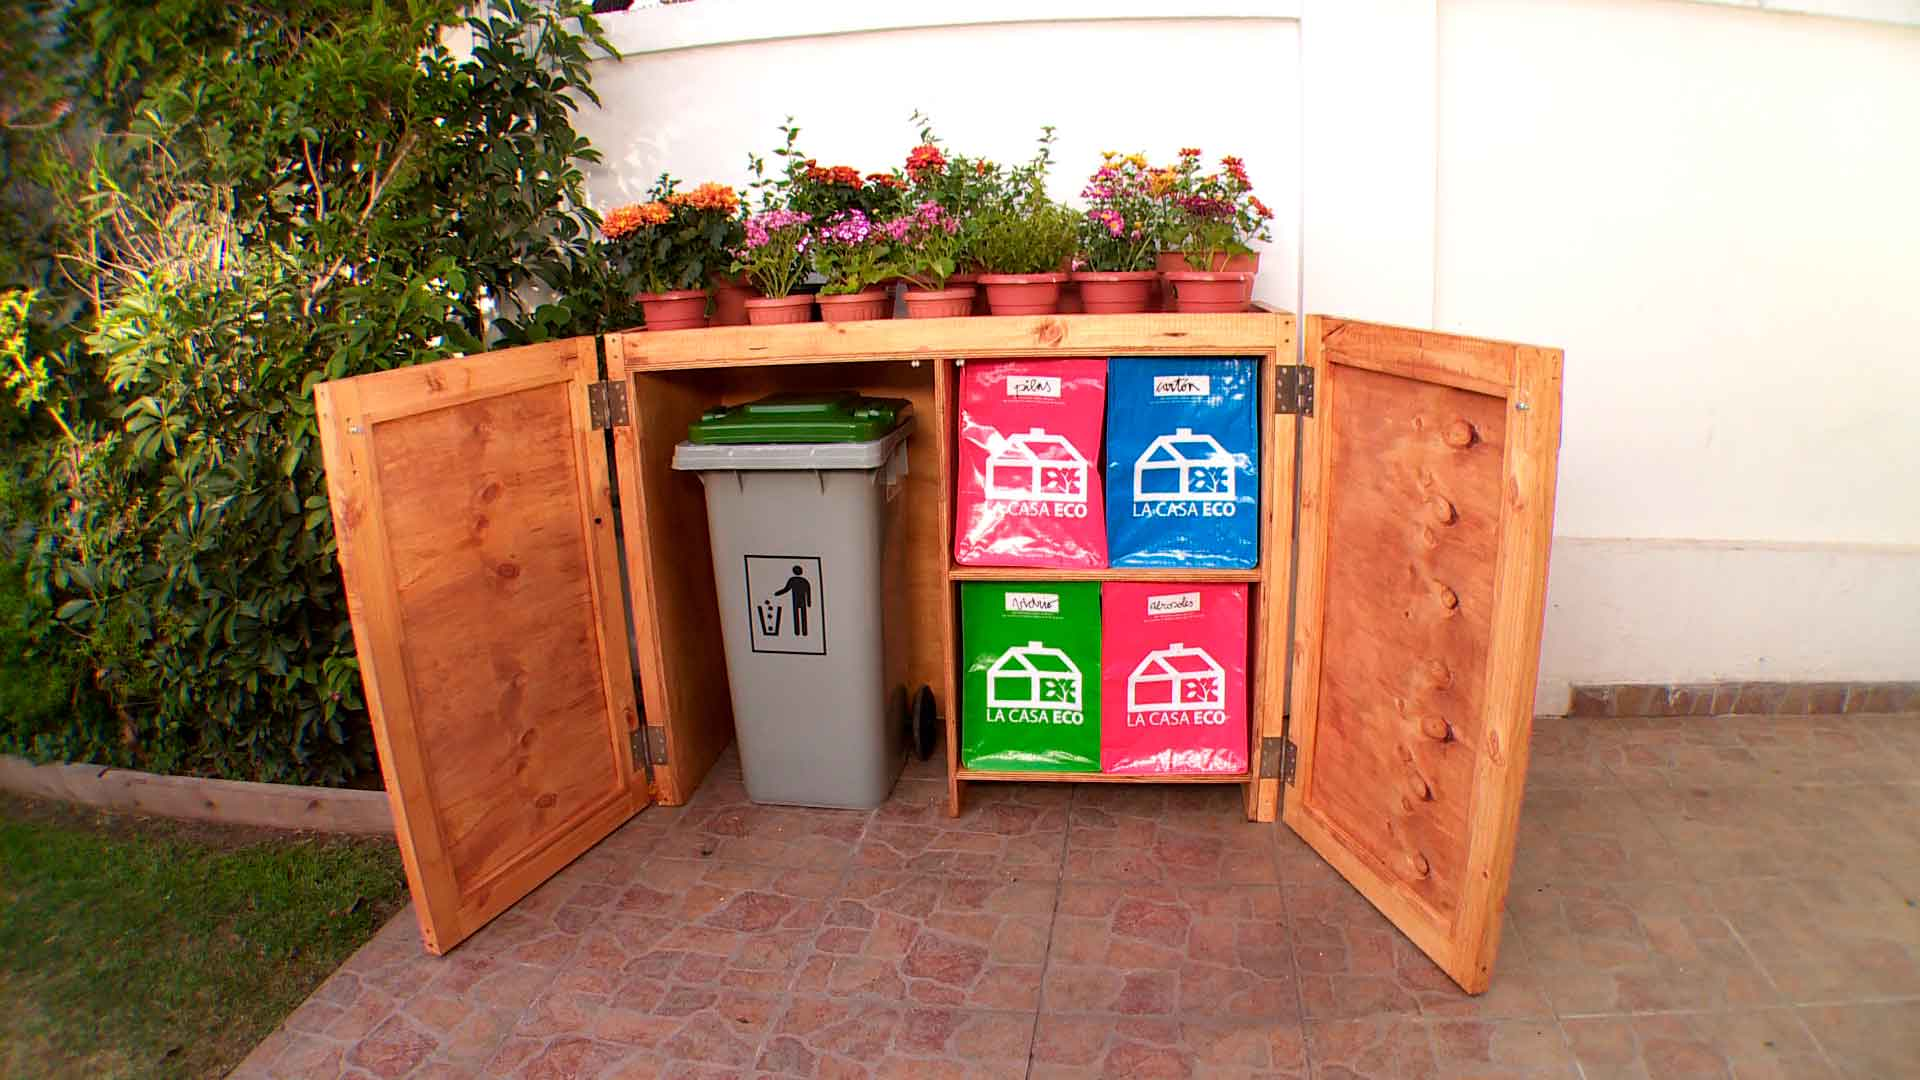 En este proyecto construiremos una estación para basura y reciclaje la que tiene por objetivo hacer más práctica y funcional la tarea de separar y guardar l a basura hasta que pase el camión recolector. Por lo general las personas botamos grandes cantidades de basura, que por un lado obliga al camión recolector a pasar cada vez más seguido y también llenan los vertederos de desechos que se podrían reciclar o usar en una compostera.